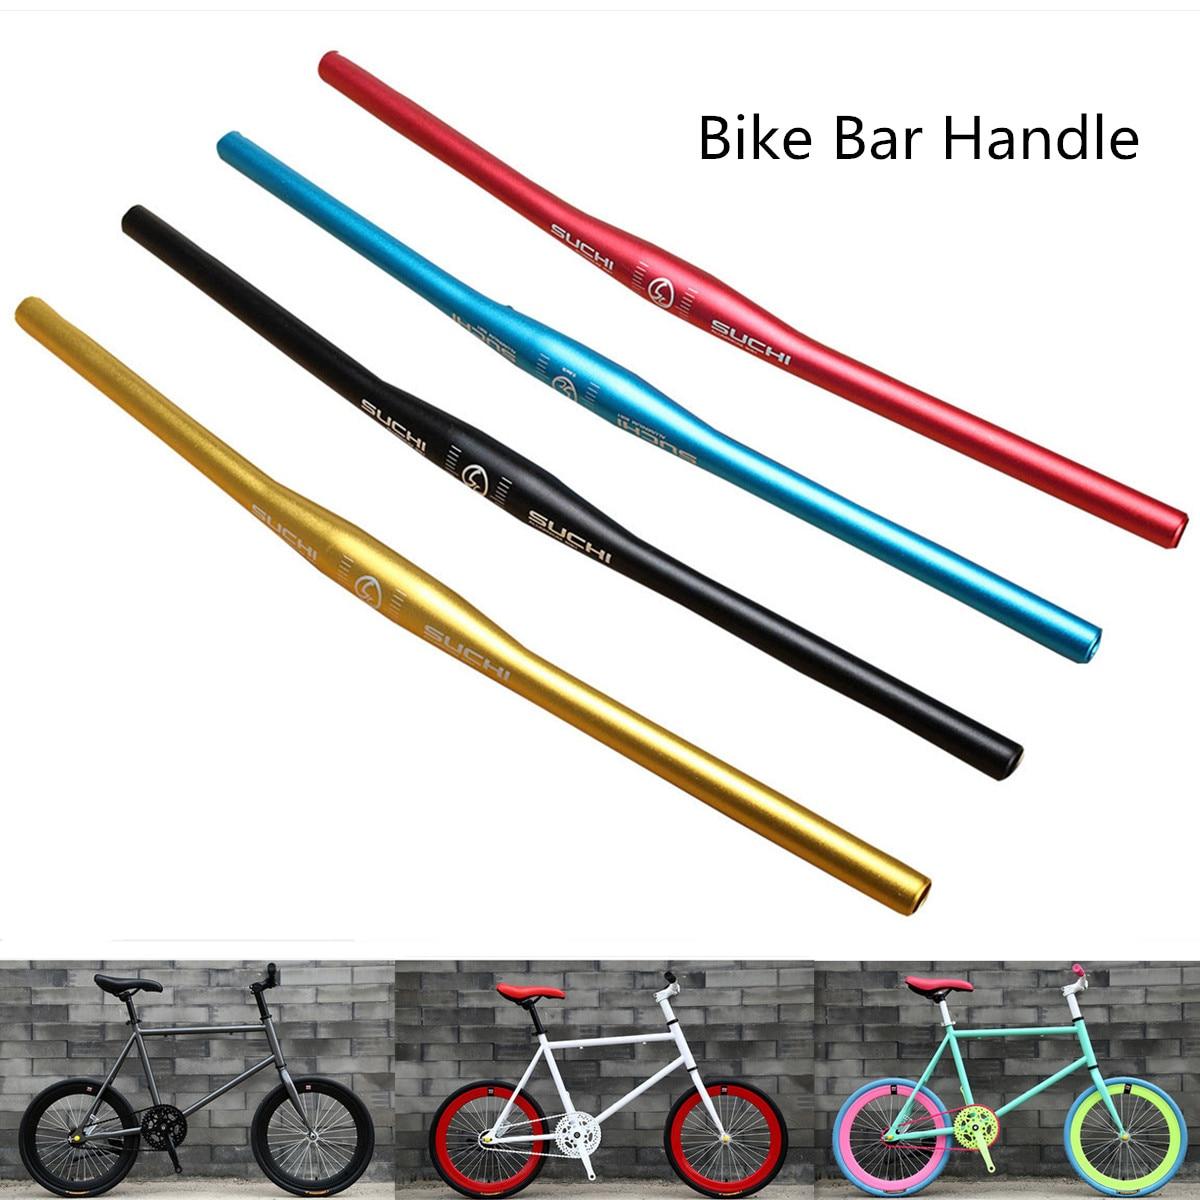 14pcs Brake Hose Accessories Mountain Bike Bicycle Parts Practical Convenient